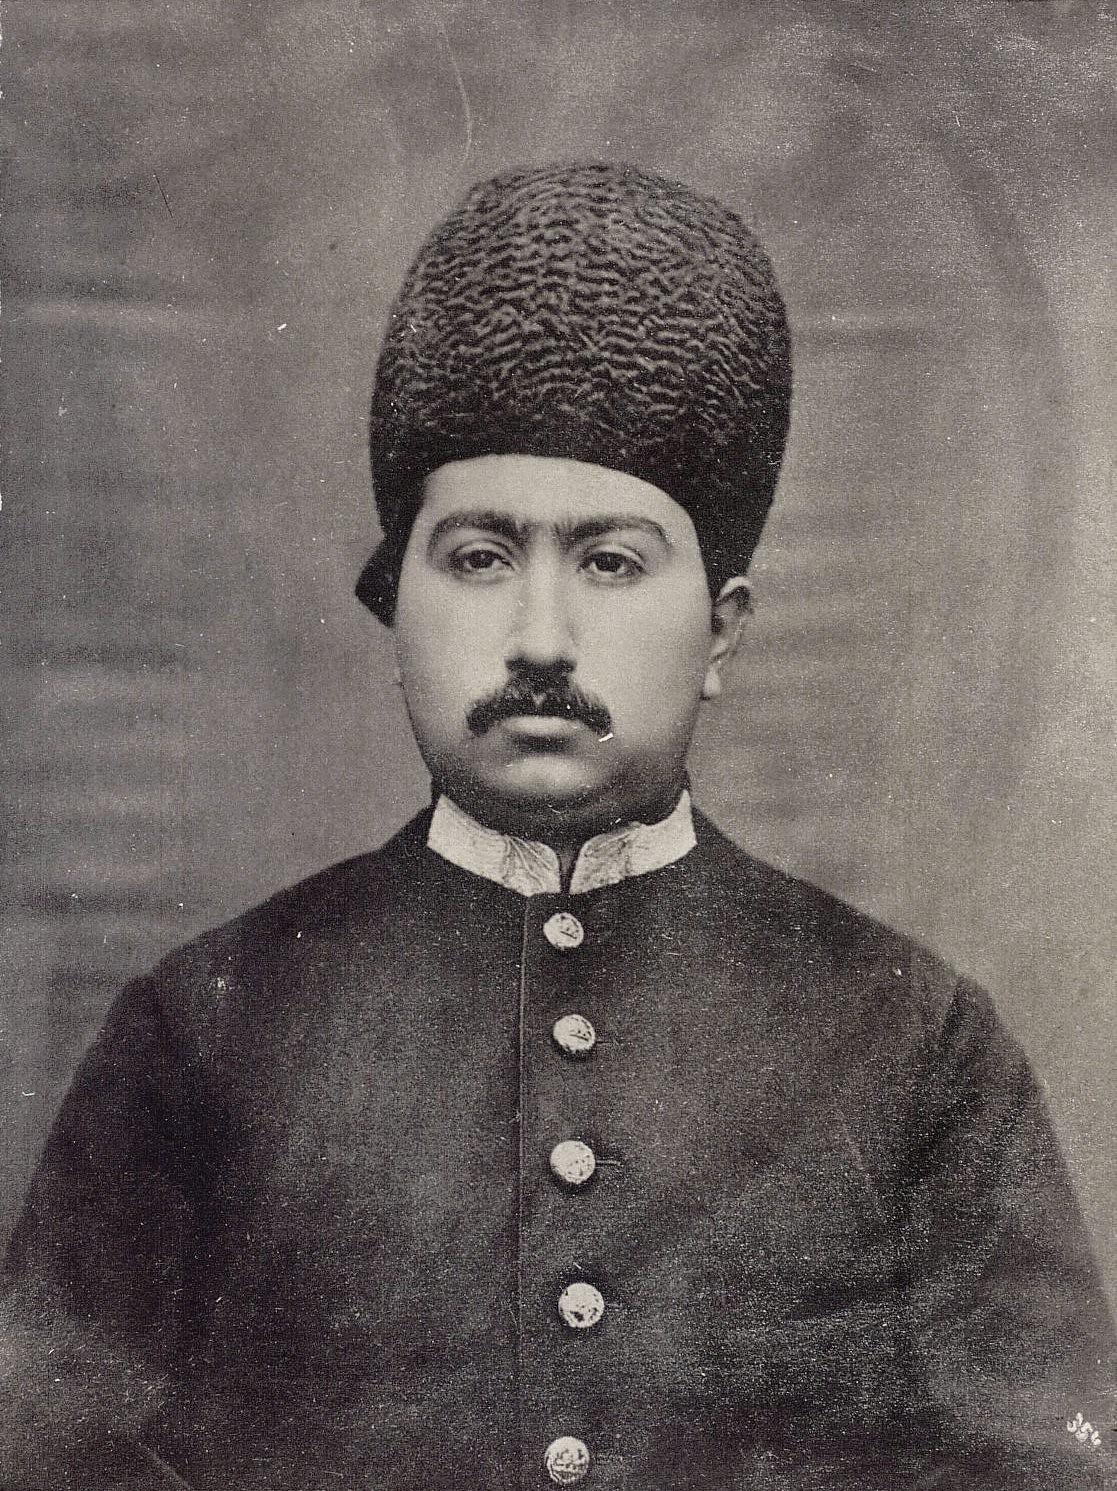 Мухаммед-Али шах в бытность наследником иранского престола